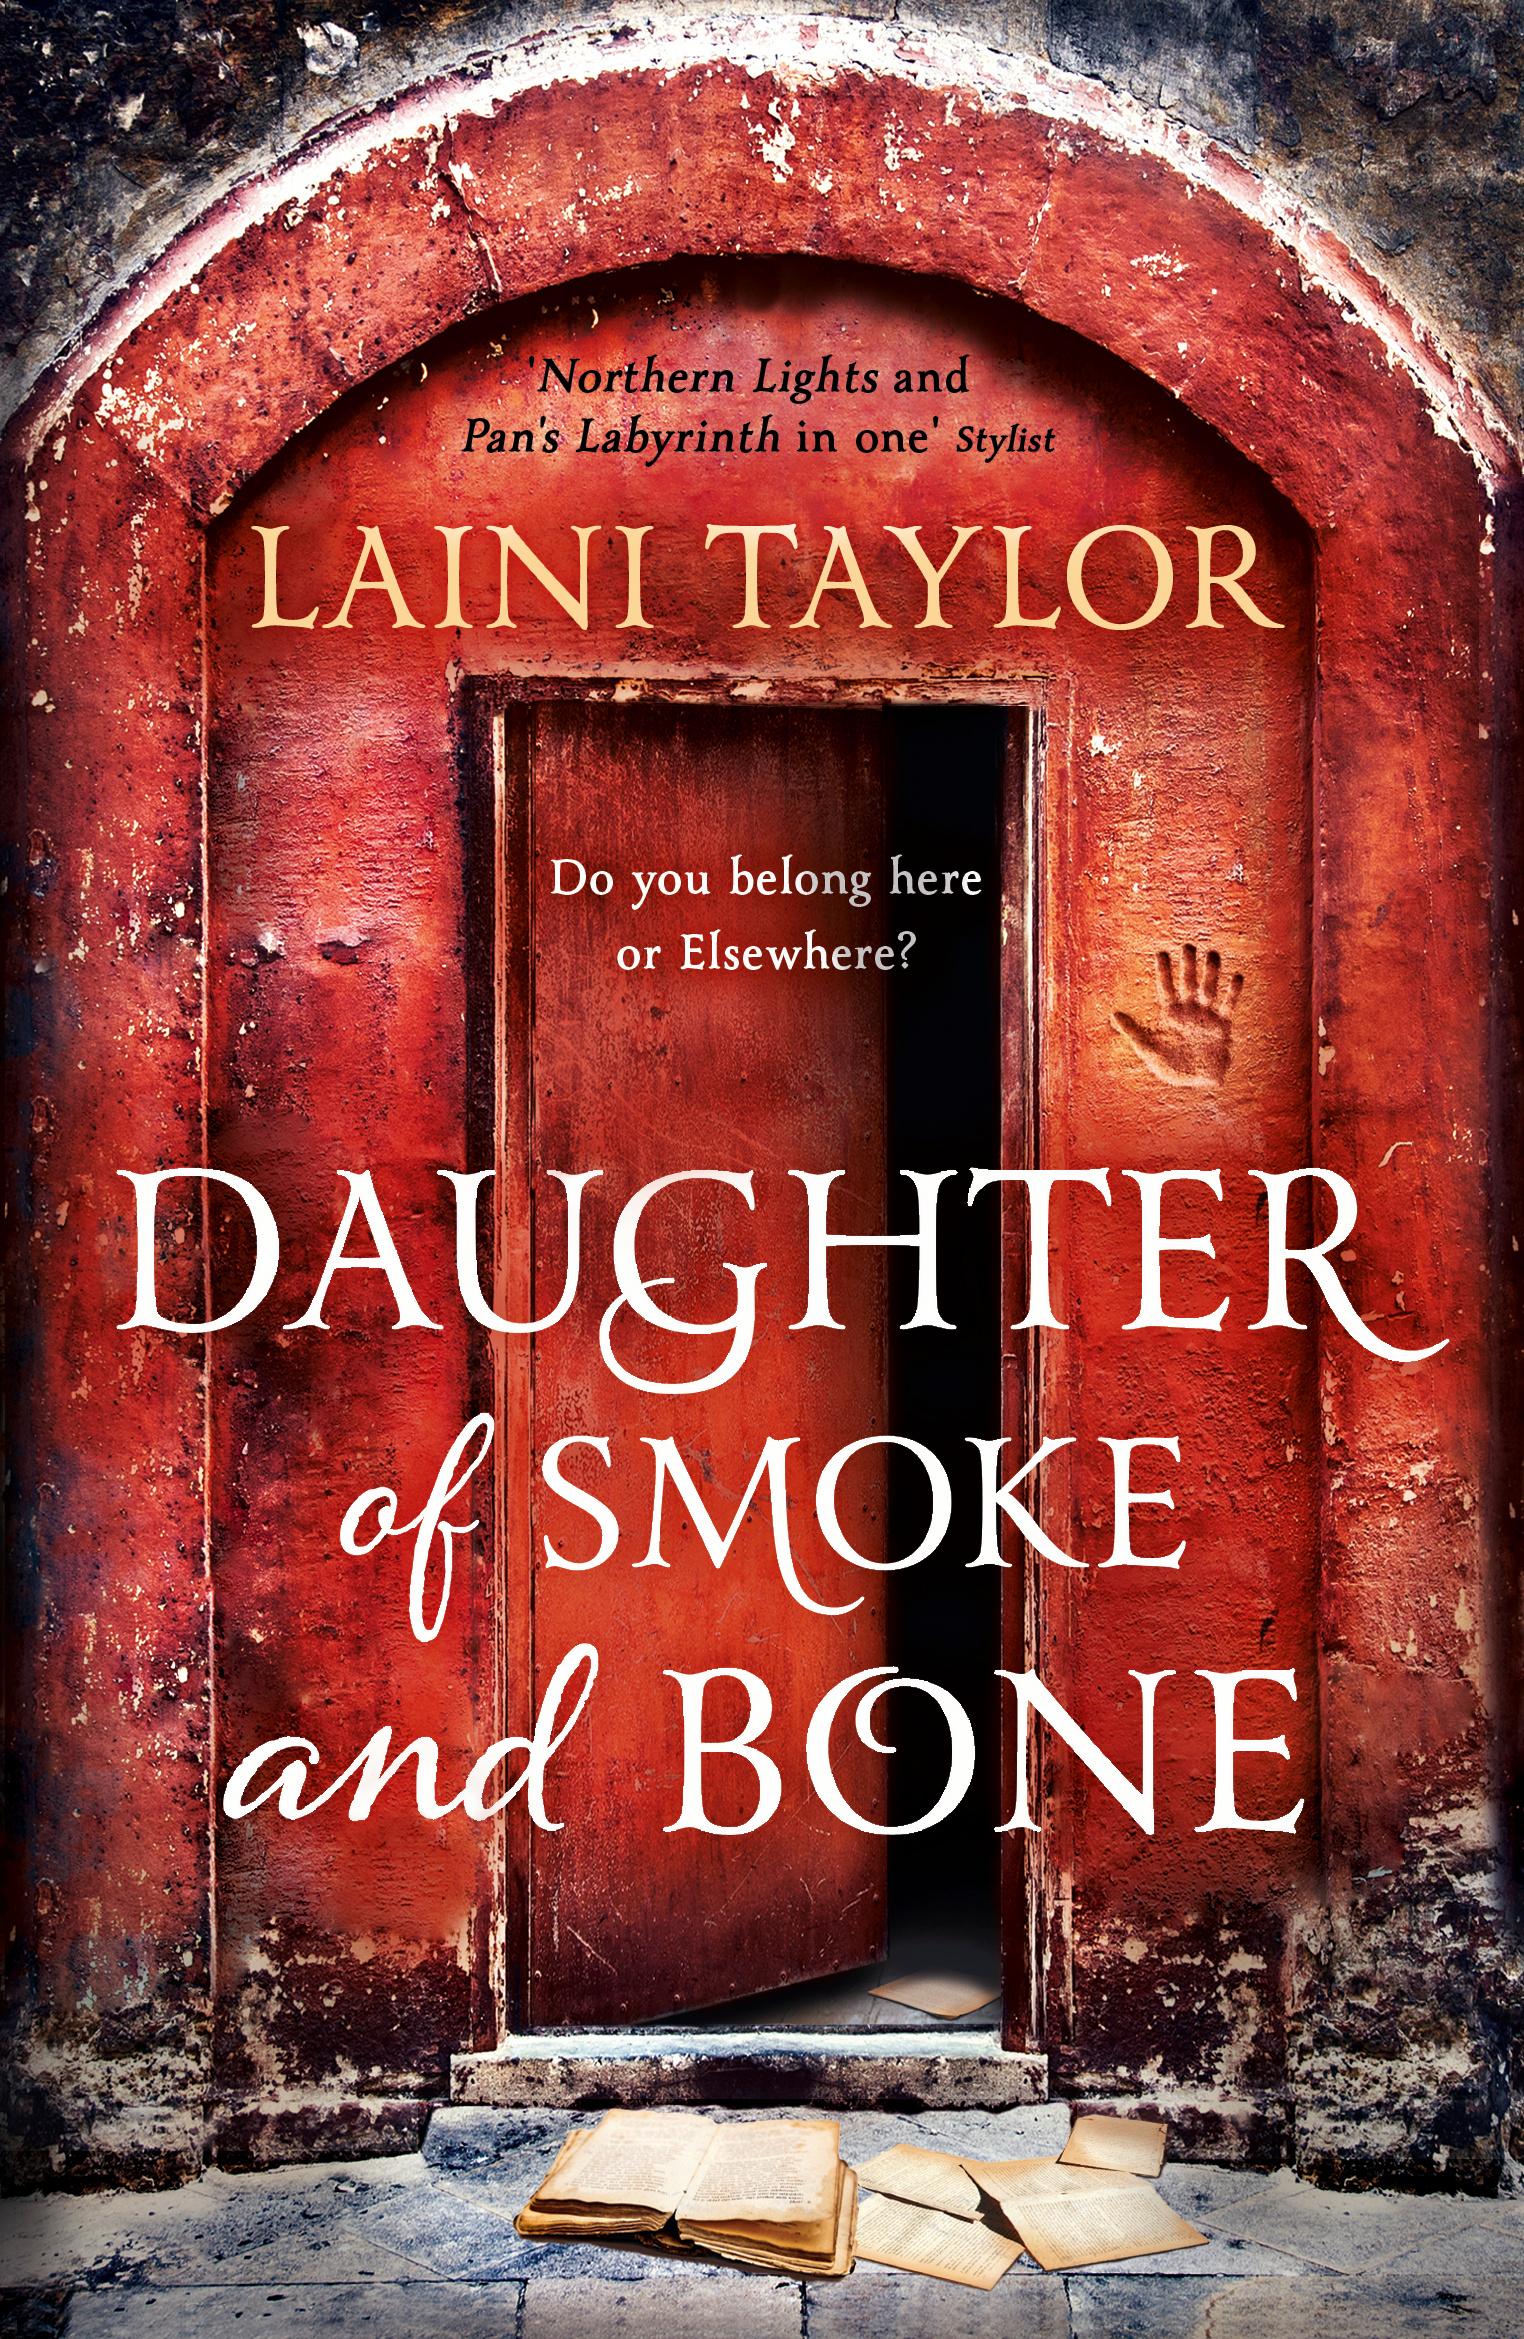 daughter of smoke